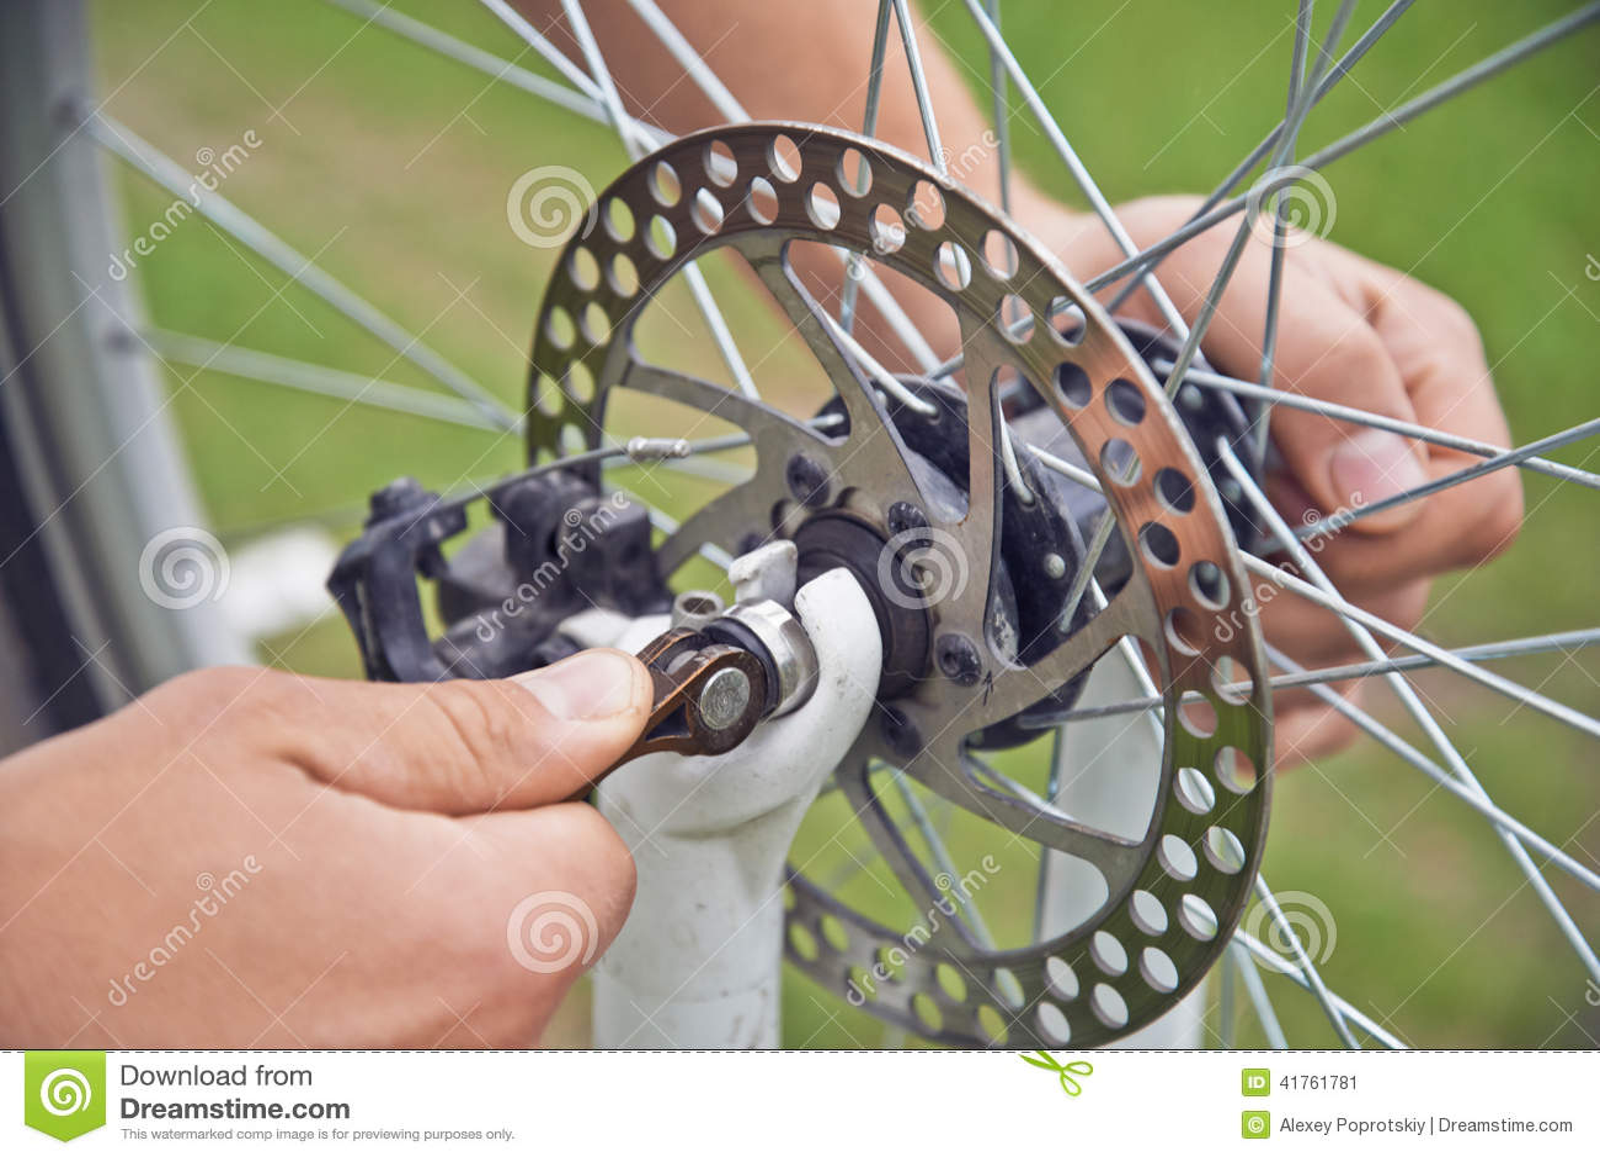 O ciclista do homem verifica a roda de freio da bicicleta